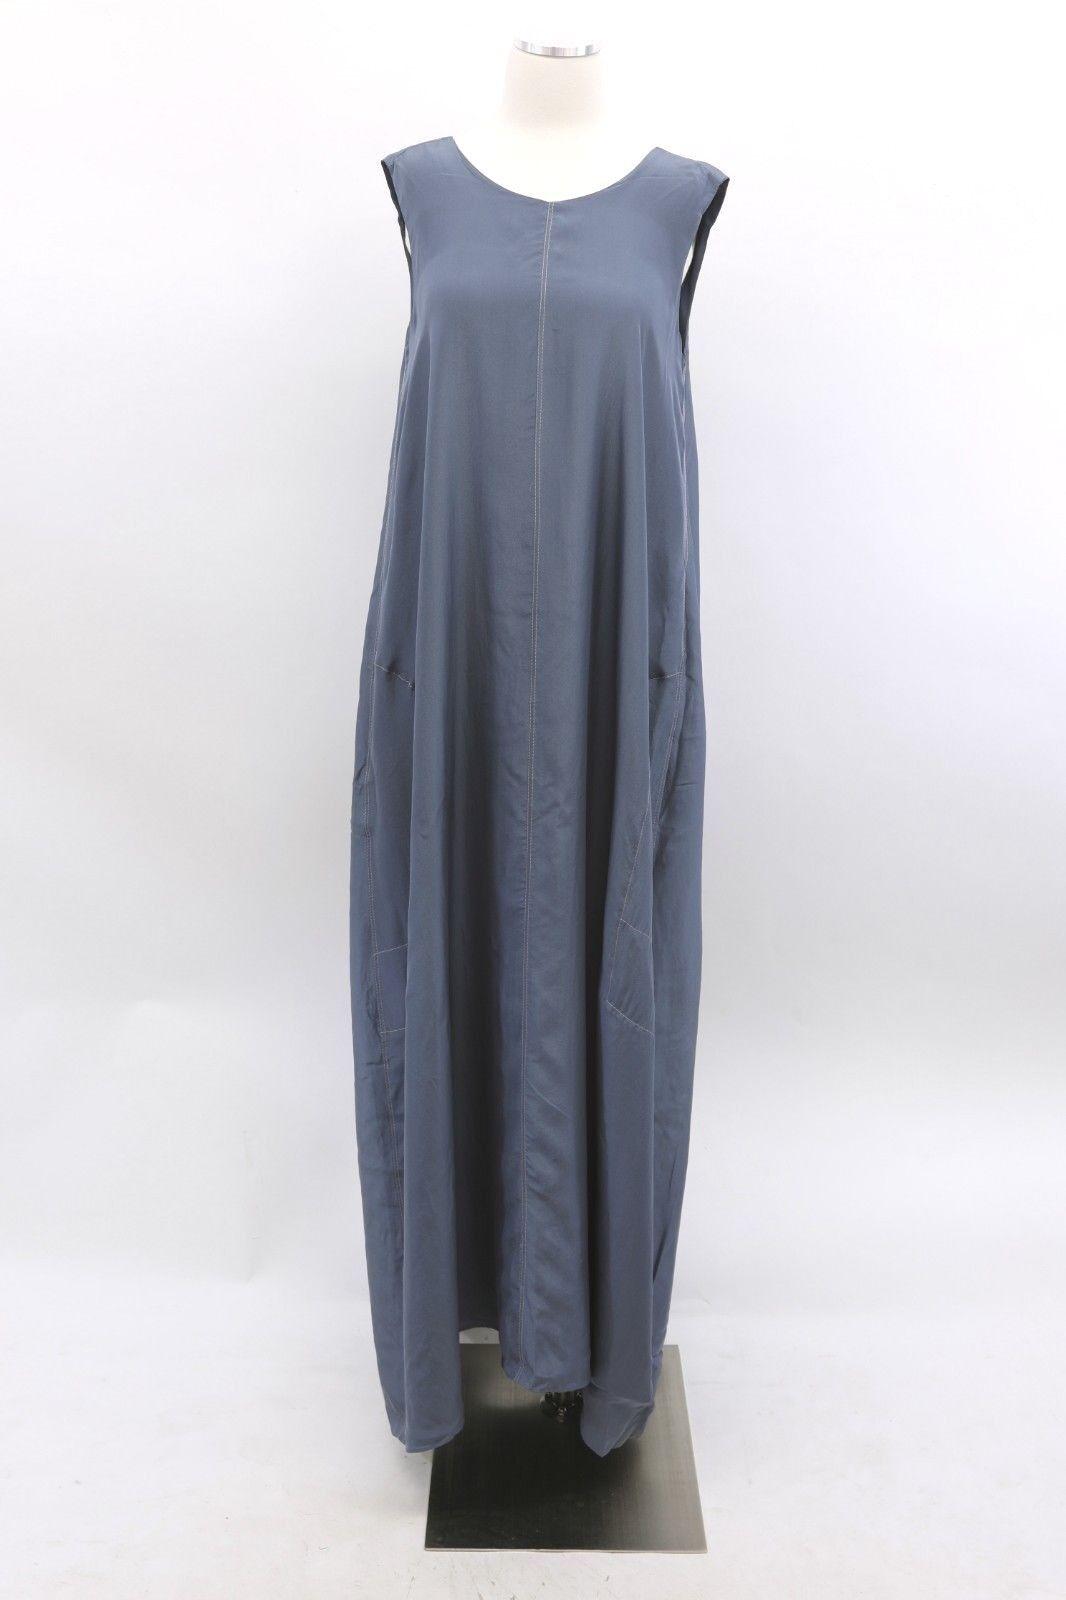 Nuevo con etiquetas  2645  Brunello Cucinelli 100% Seda Metálico Satinado Vestido Con Bolsillos M A186 Shift  más vendido